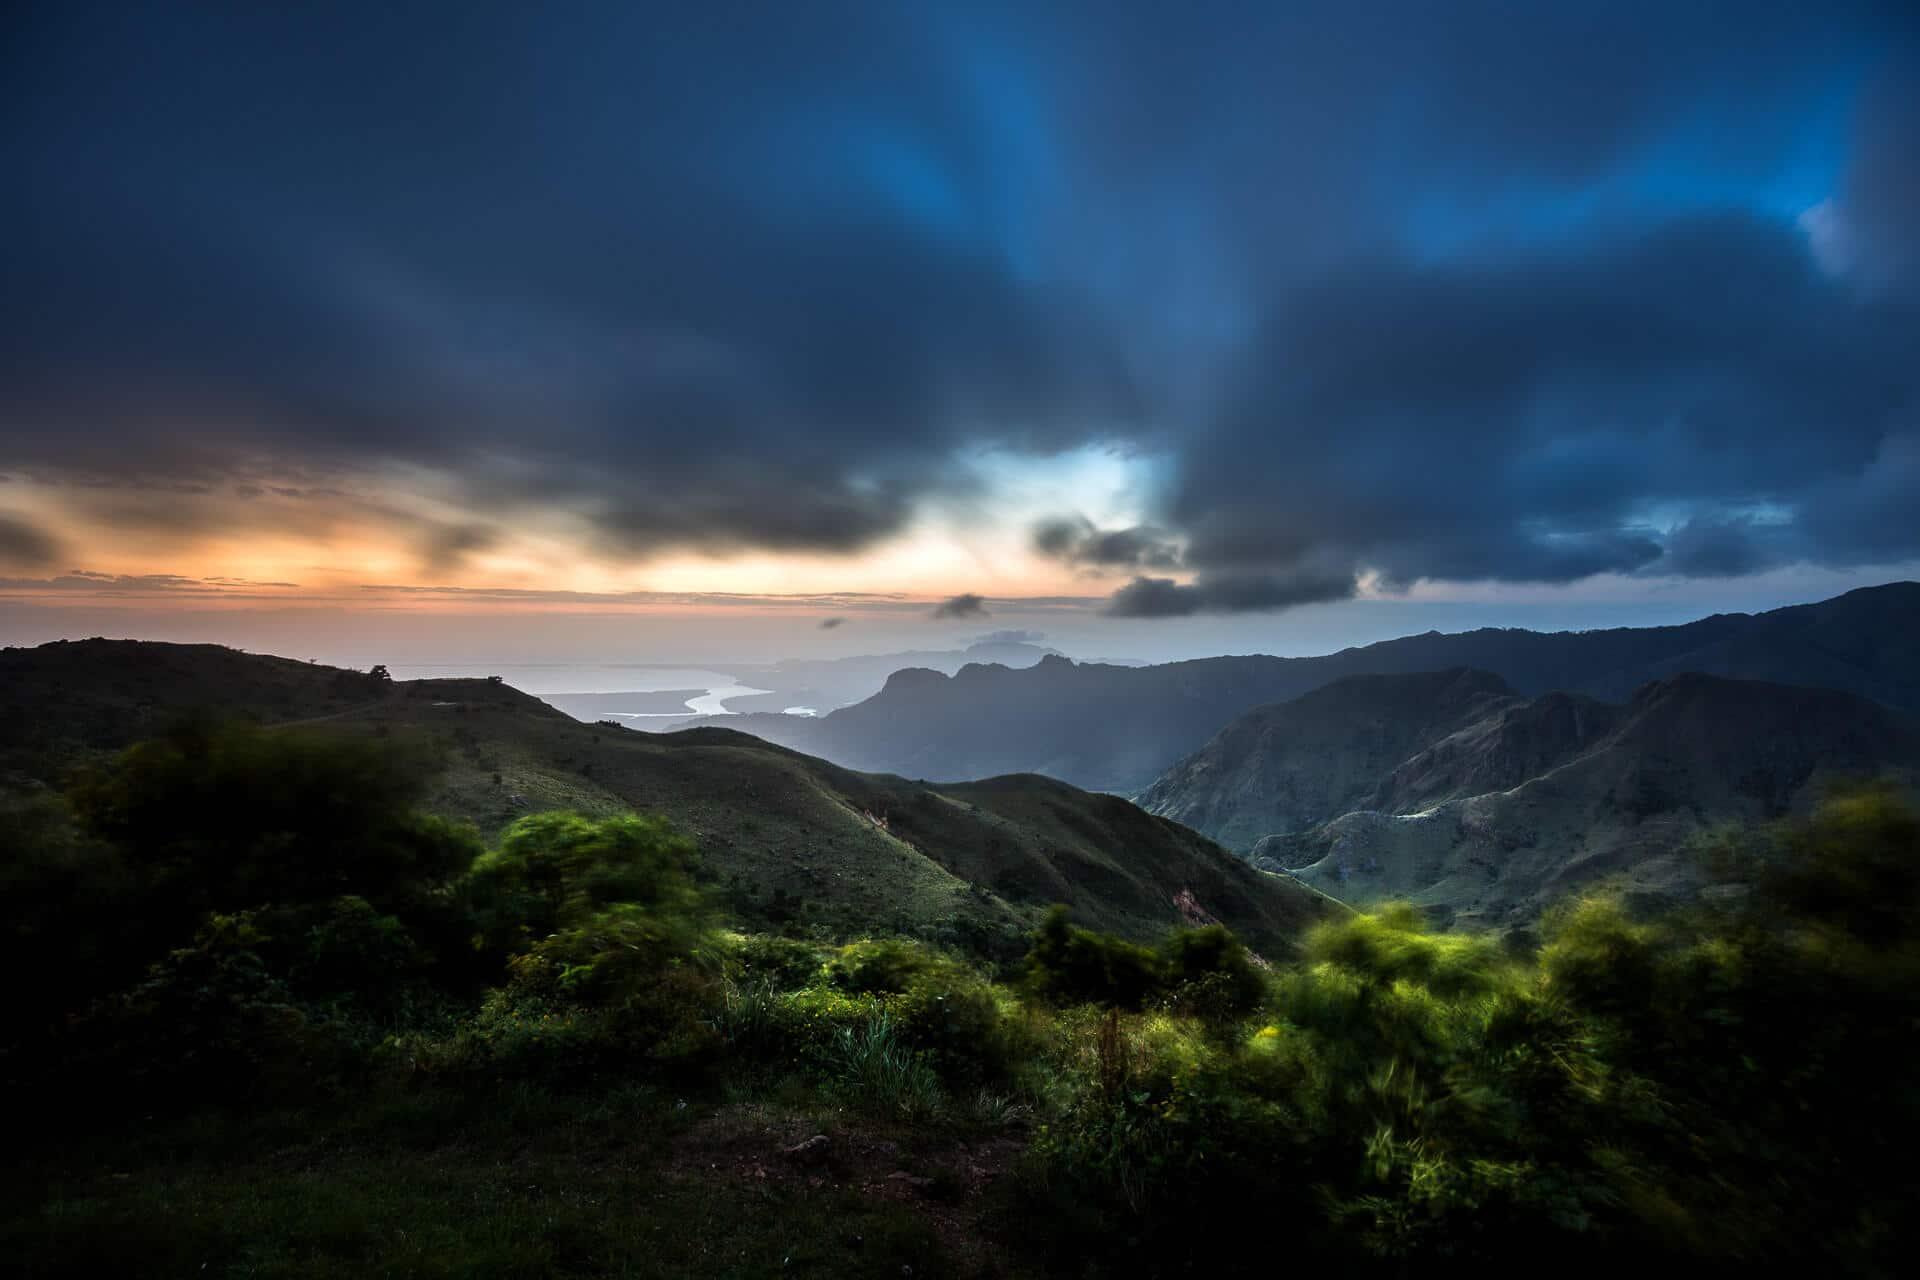 Ein stürmischer Morgen in Panama, Licht und Wetter zaubern tolle Farben und eine magische Stimmung